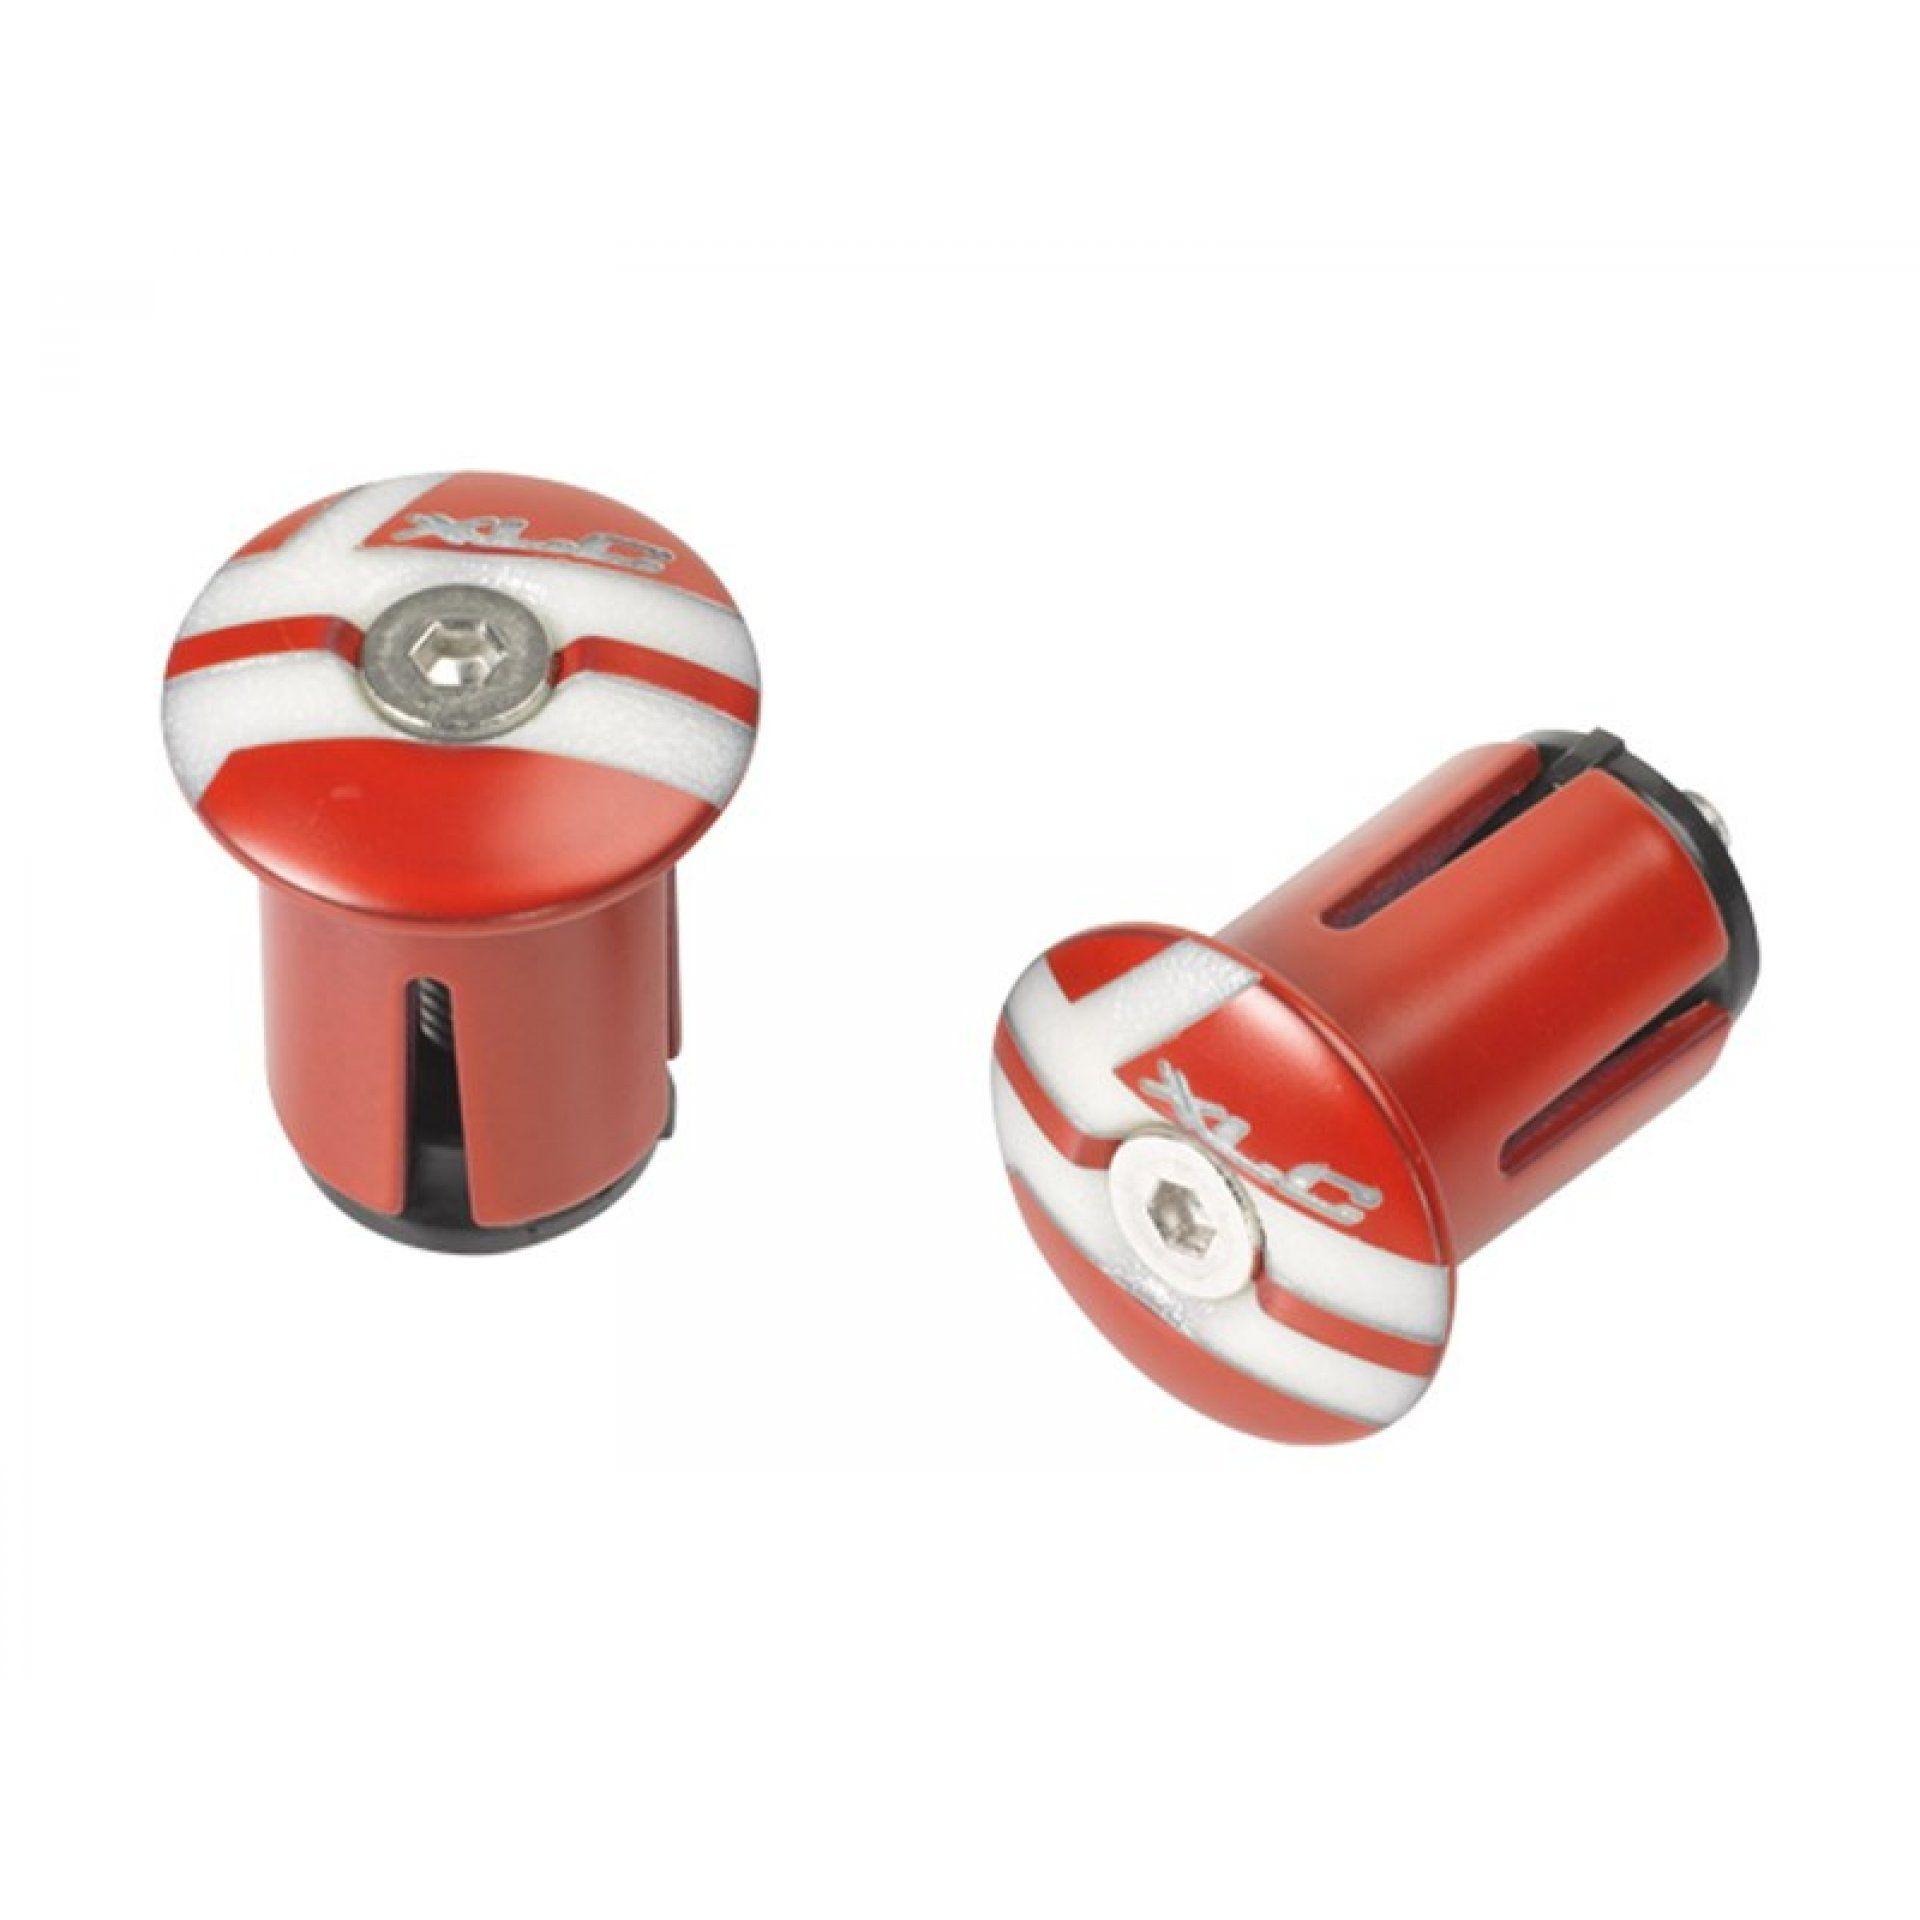 KORKI KIEROWNICY ROWEROWEJ XLC GR-X02 RED